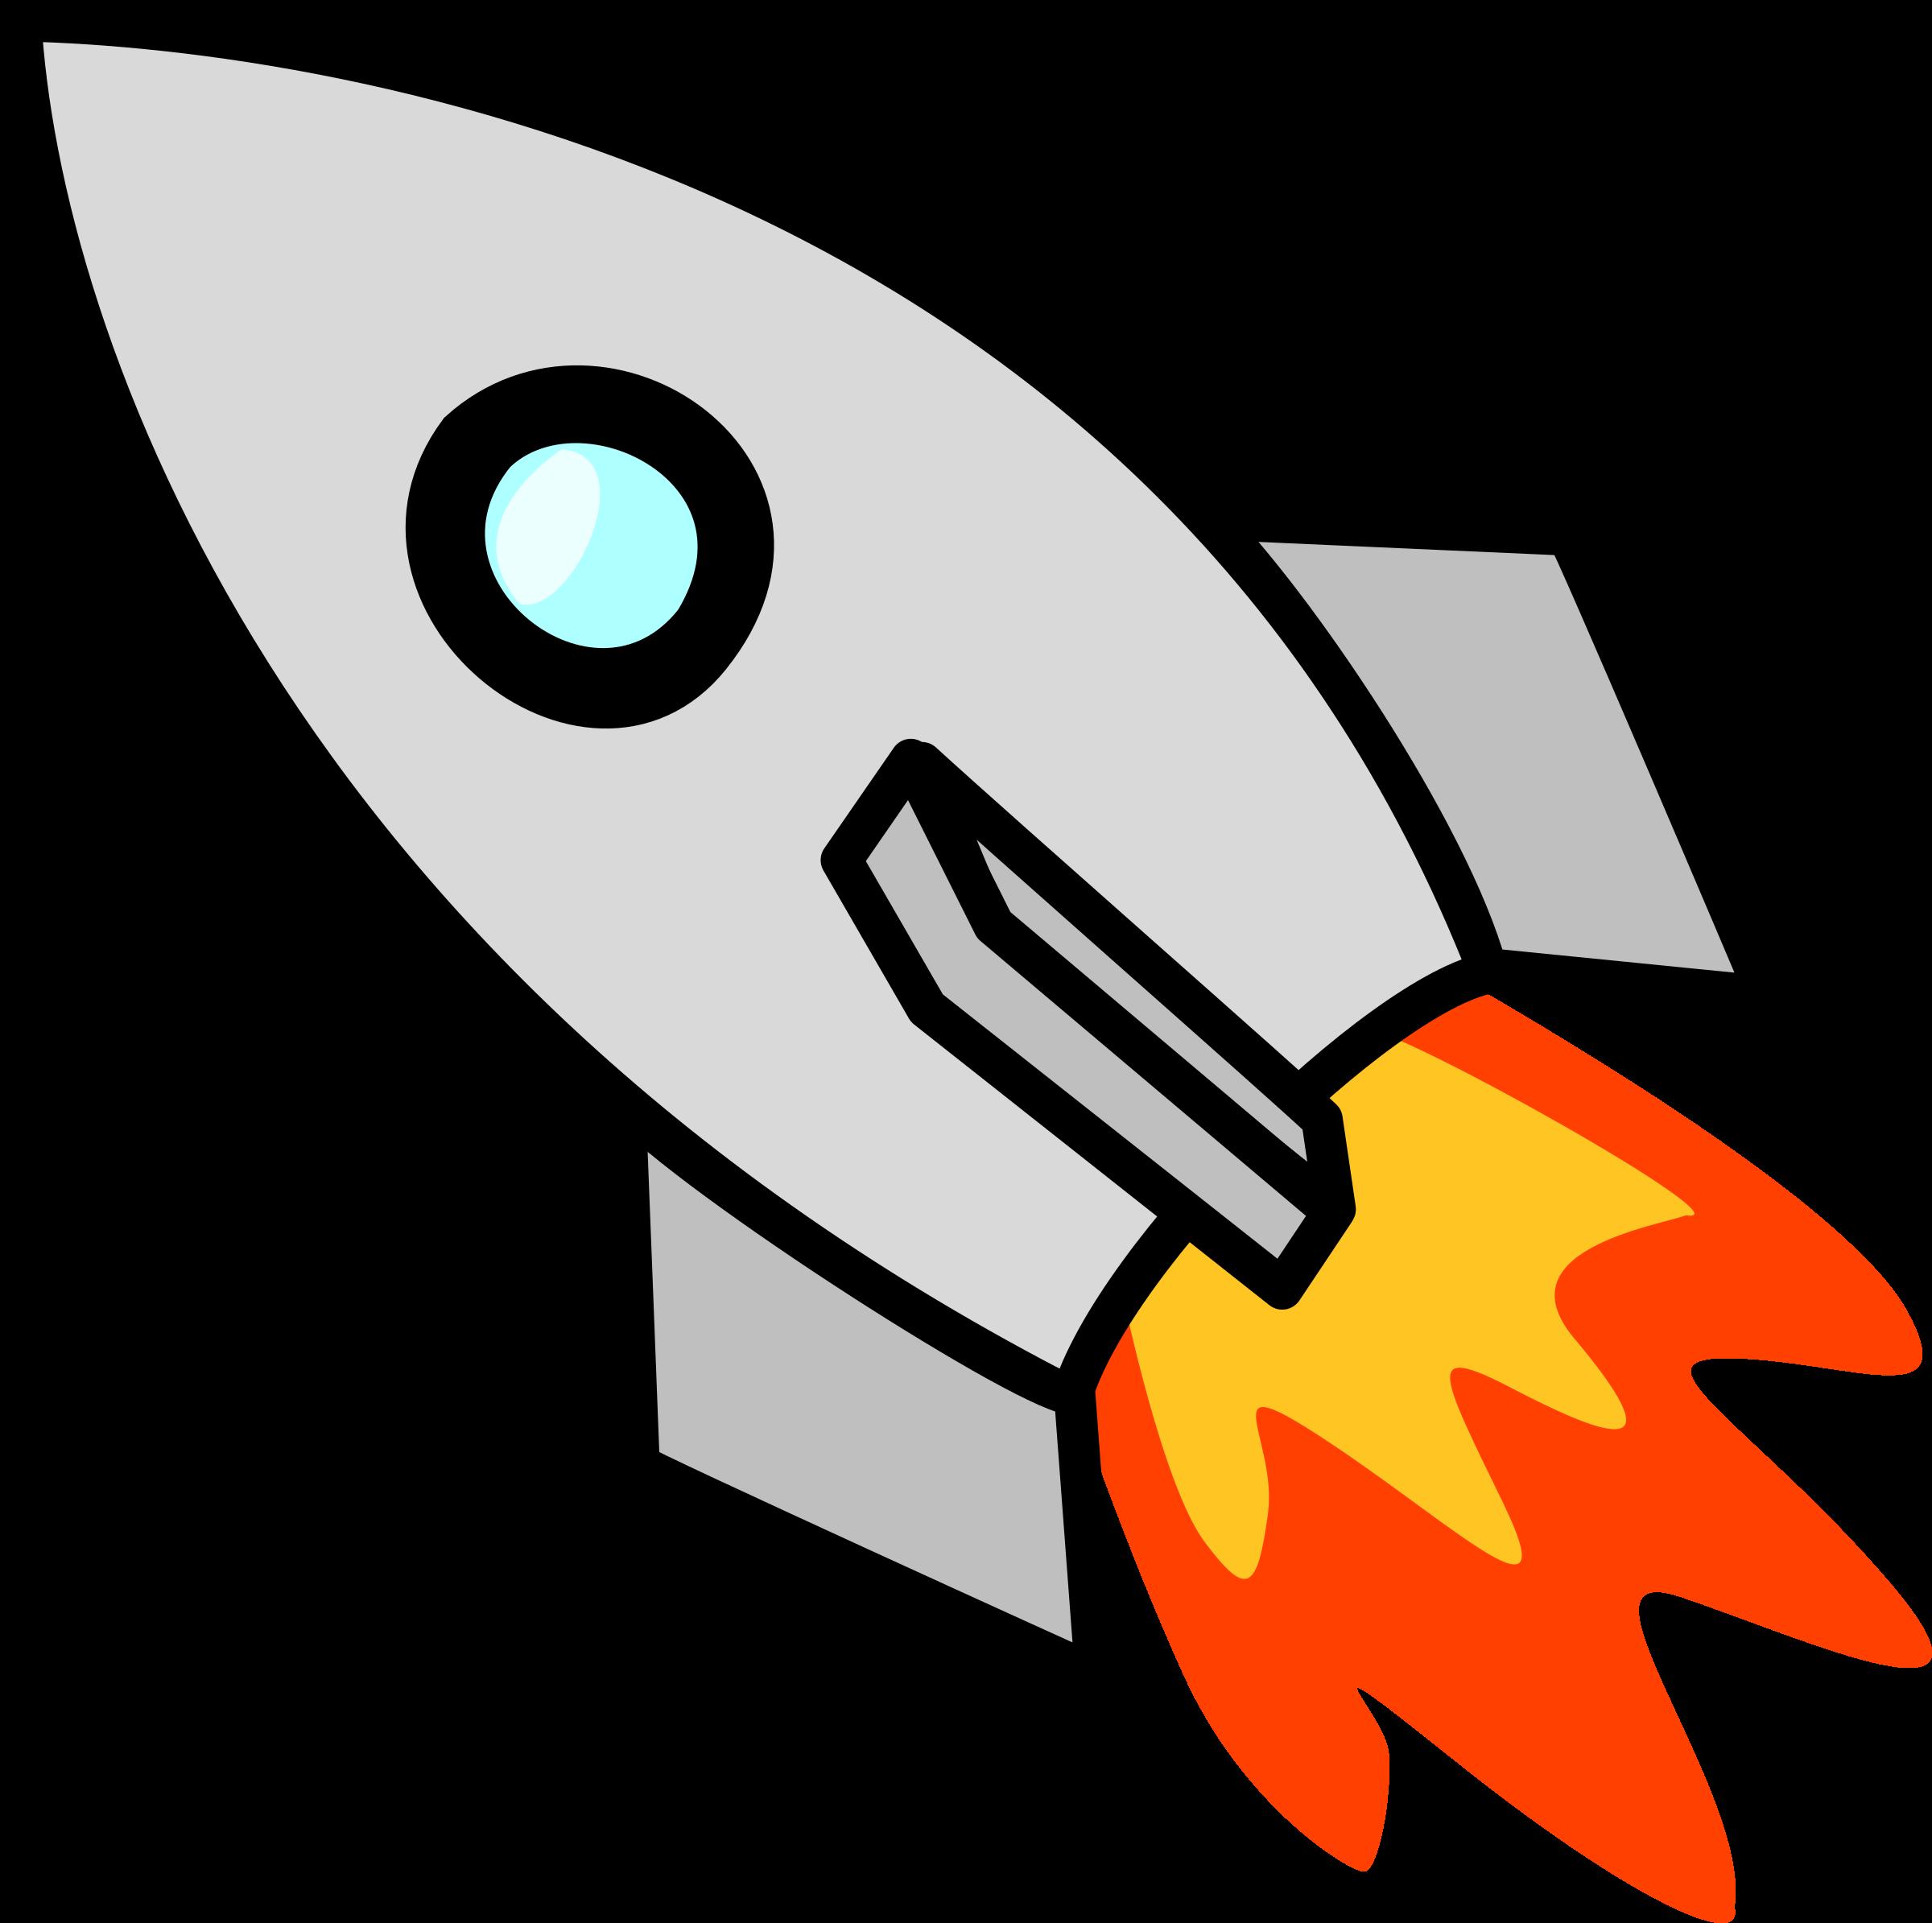 Toy rocket big image. Spaceship clipart easy cartoon